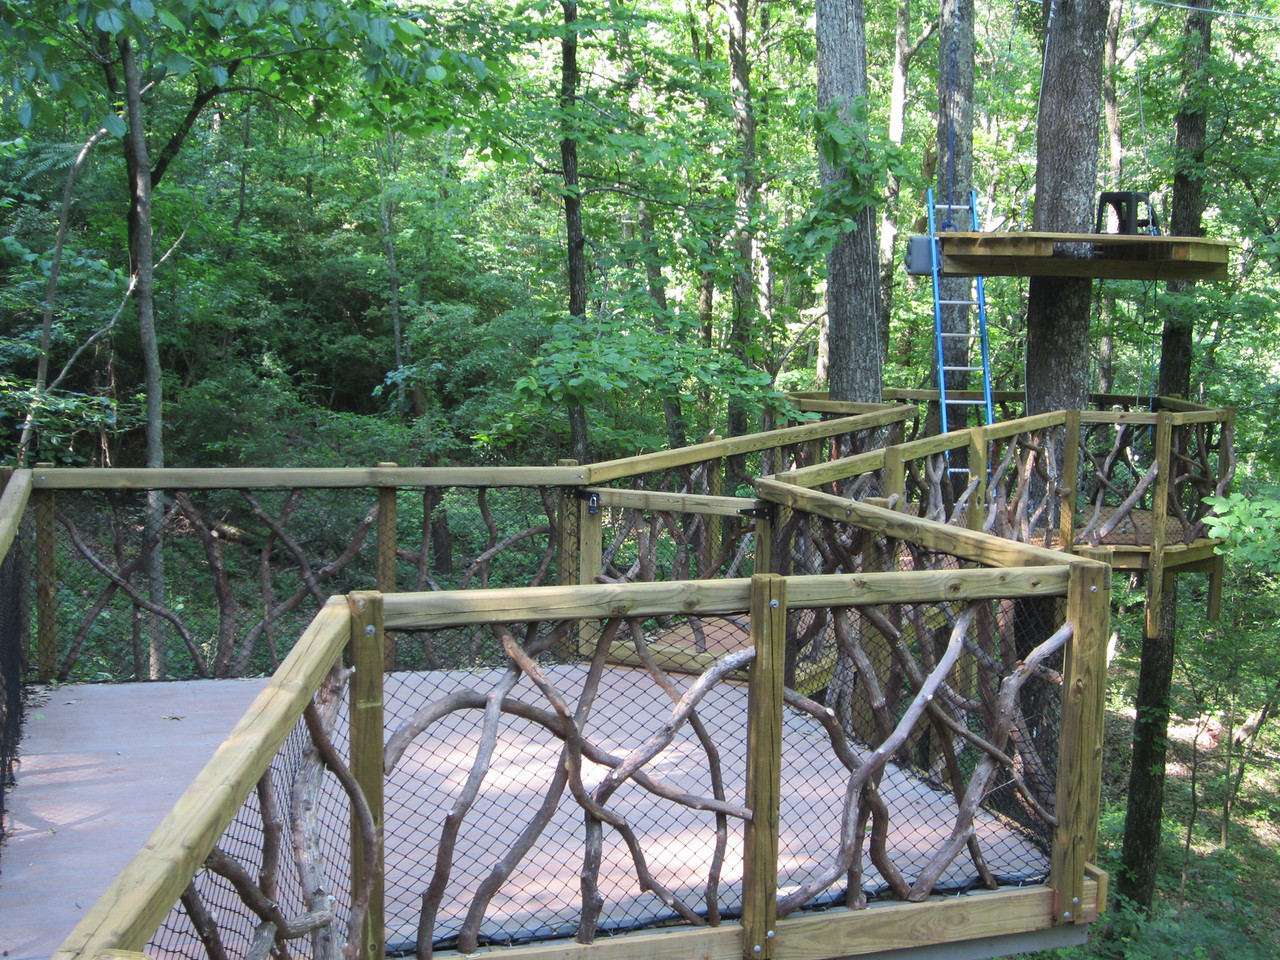 Overlook bridge and canopy walk